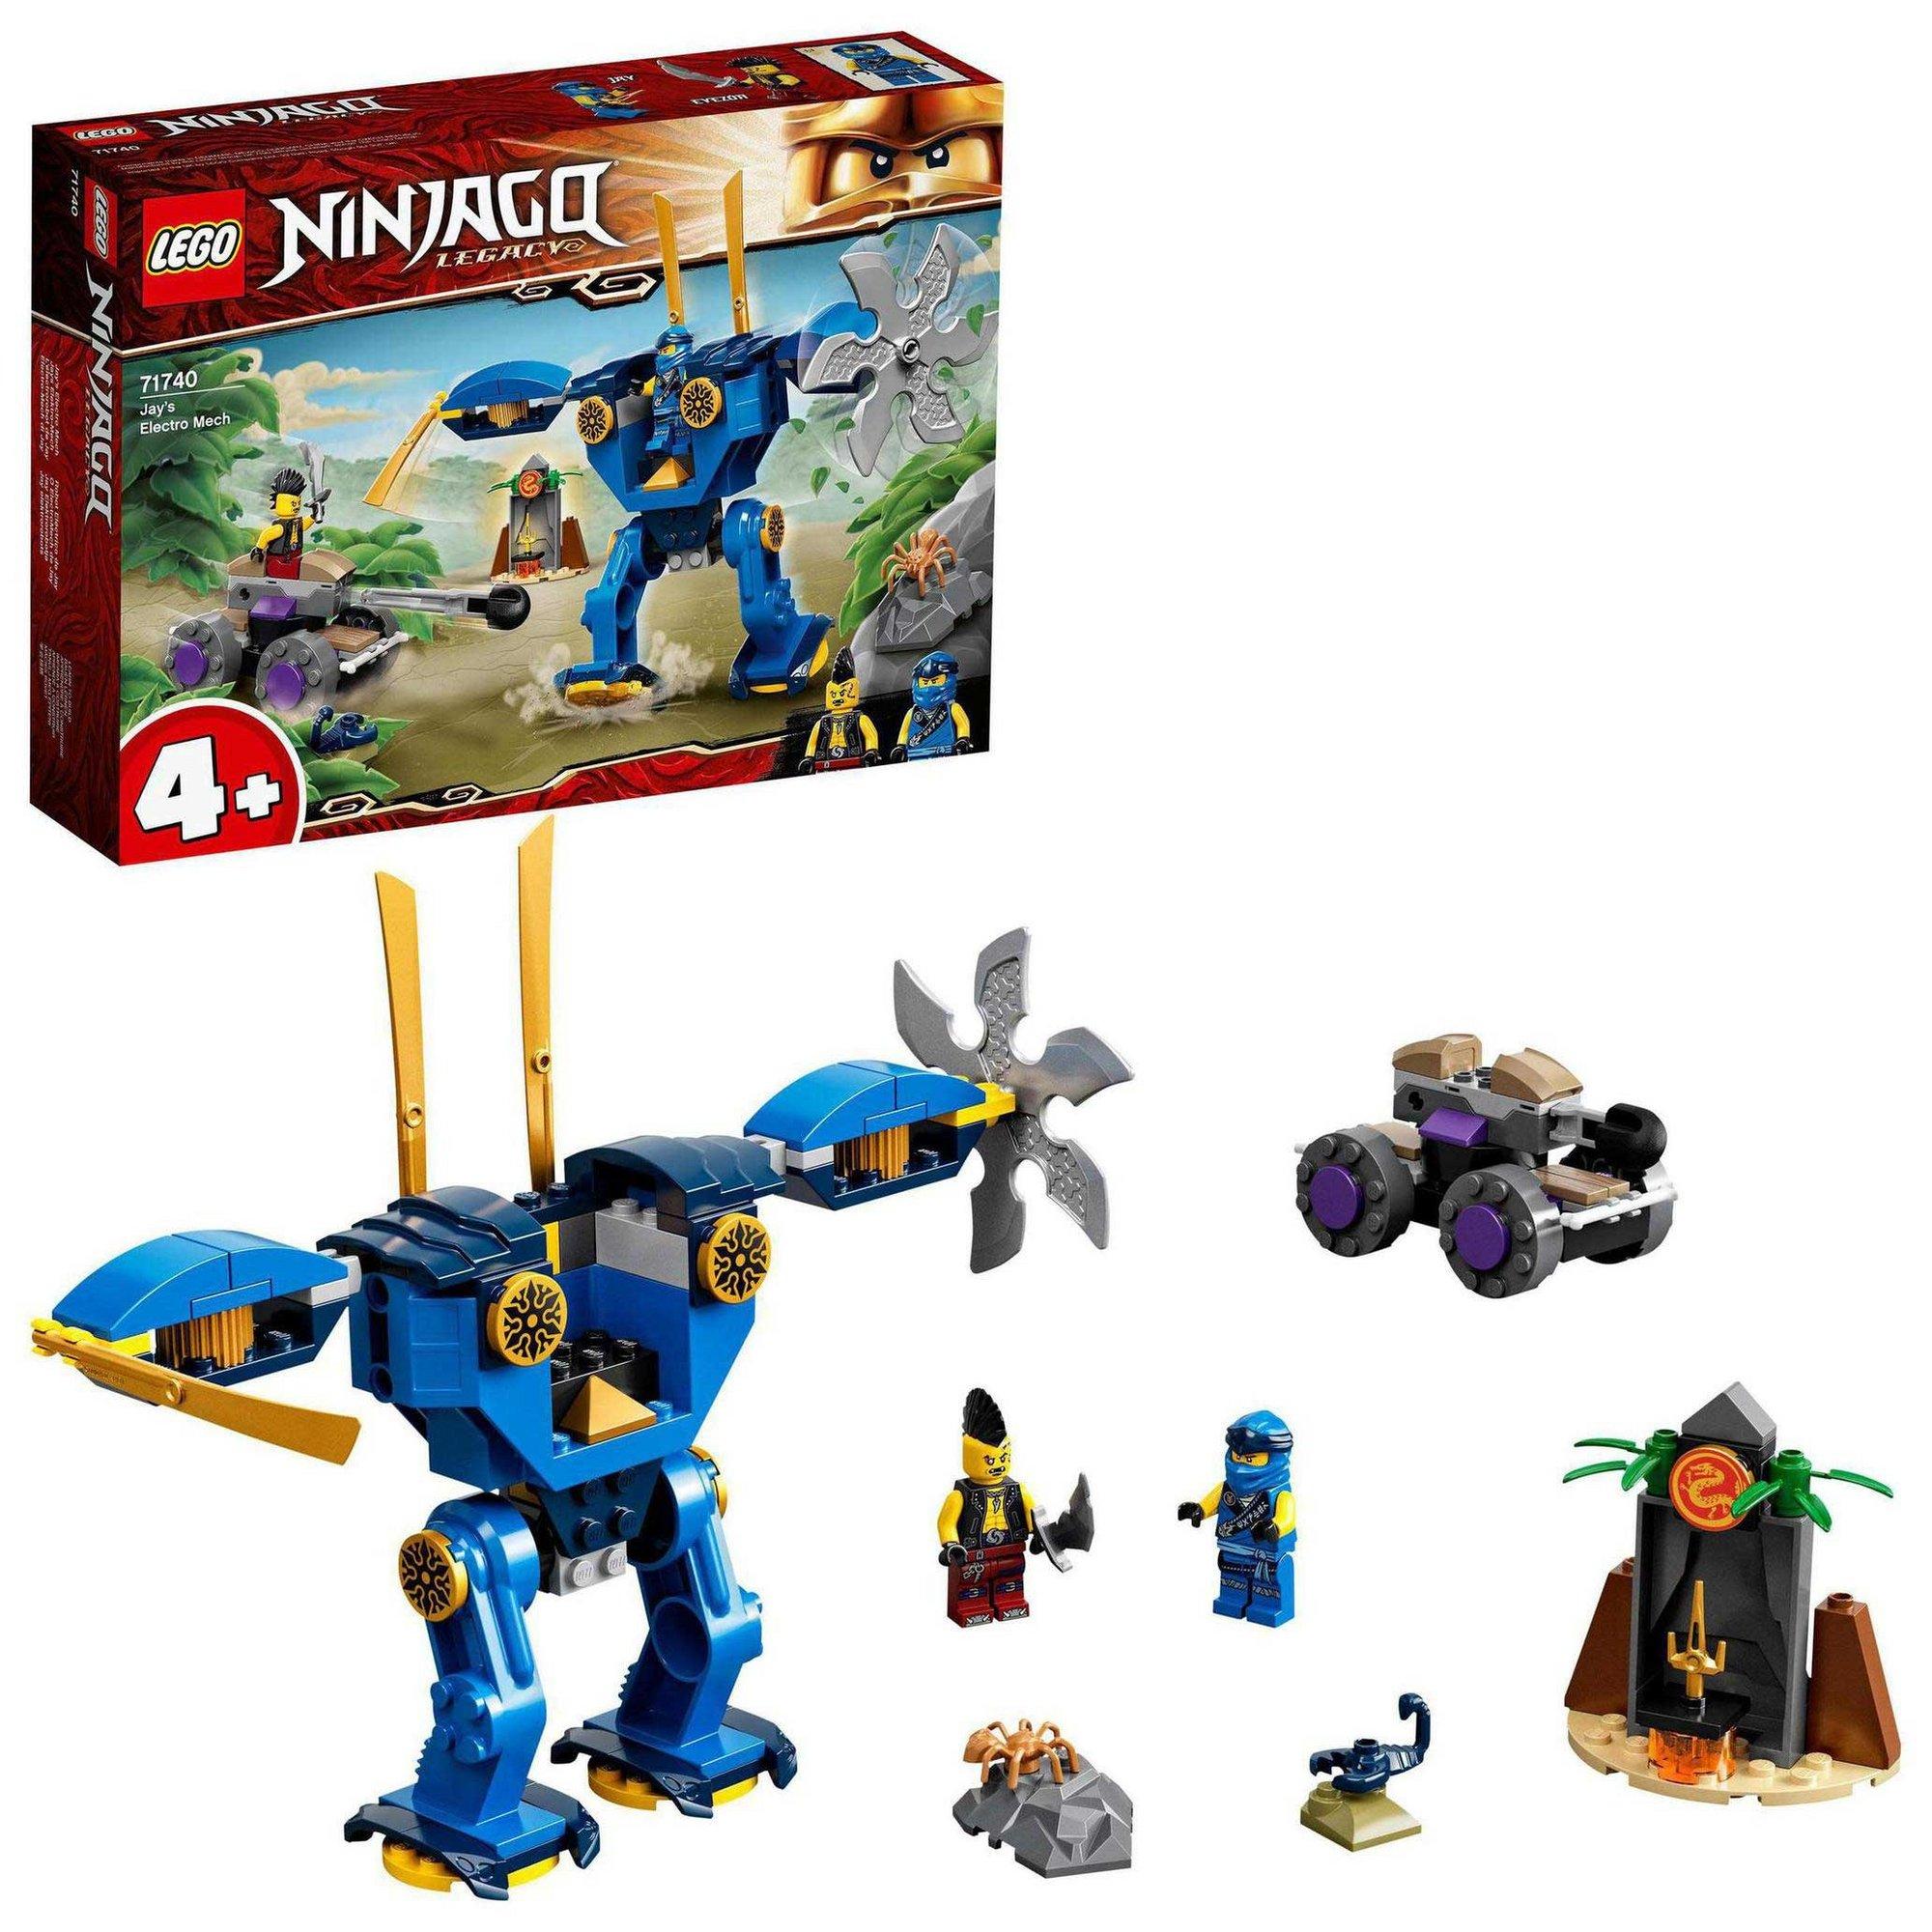 Image of LEGO Ninjago Legacy Jays Electro Mech Toy